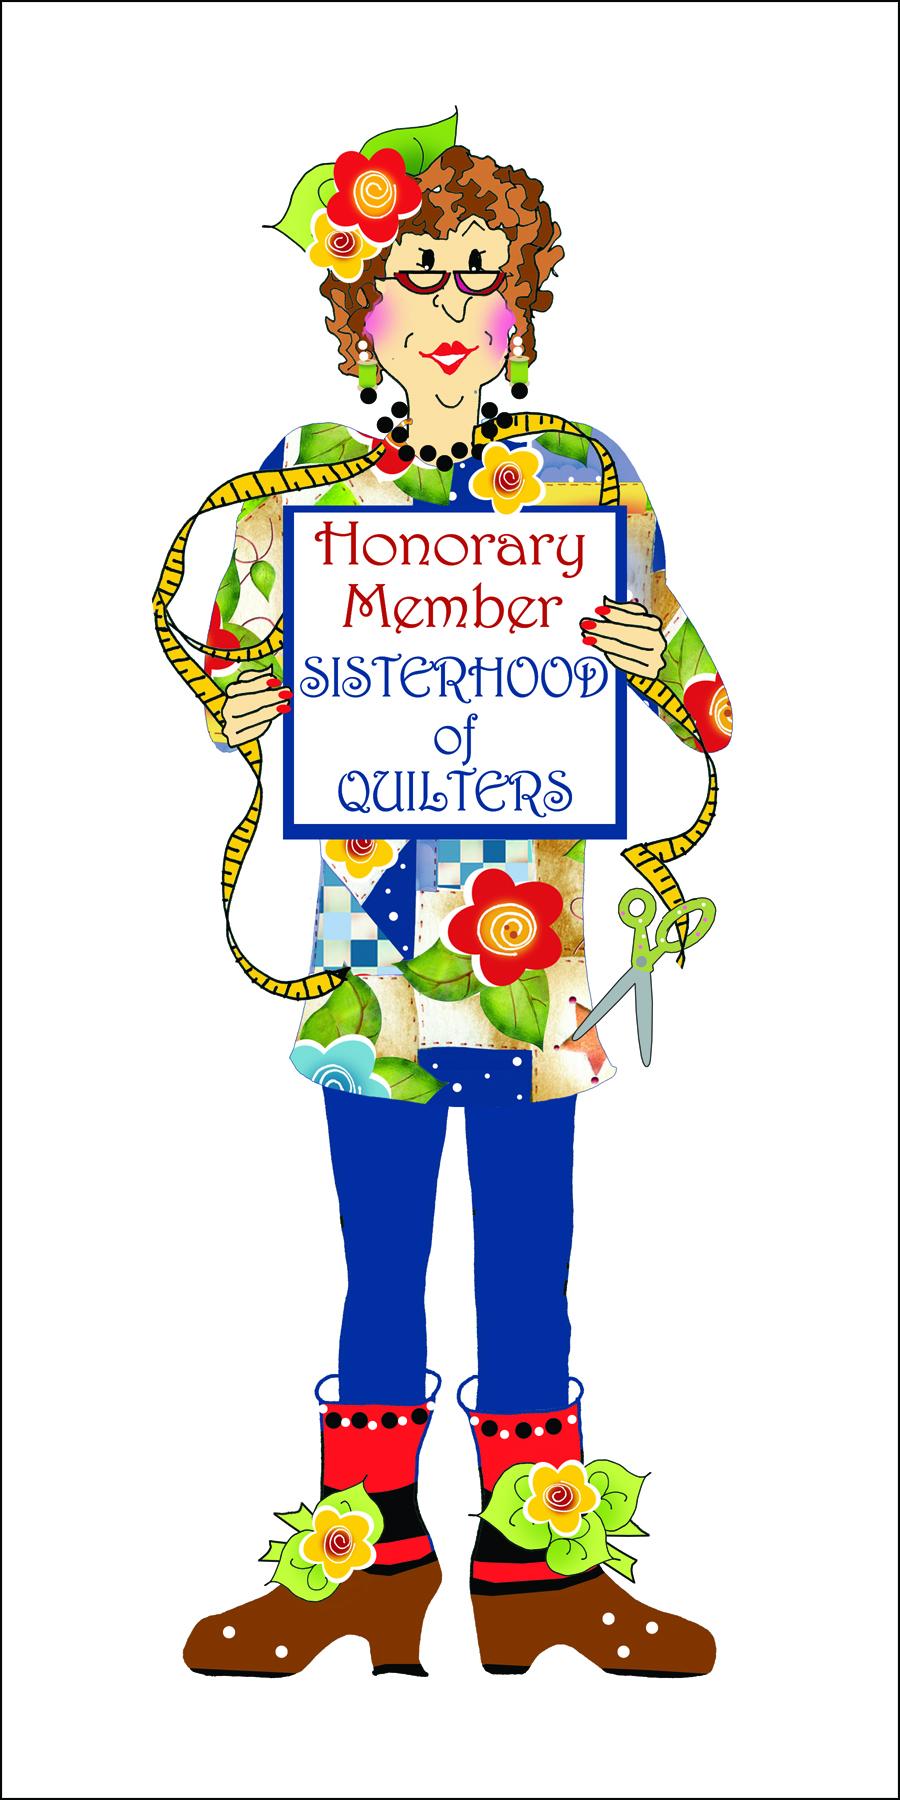 Honorary Member